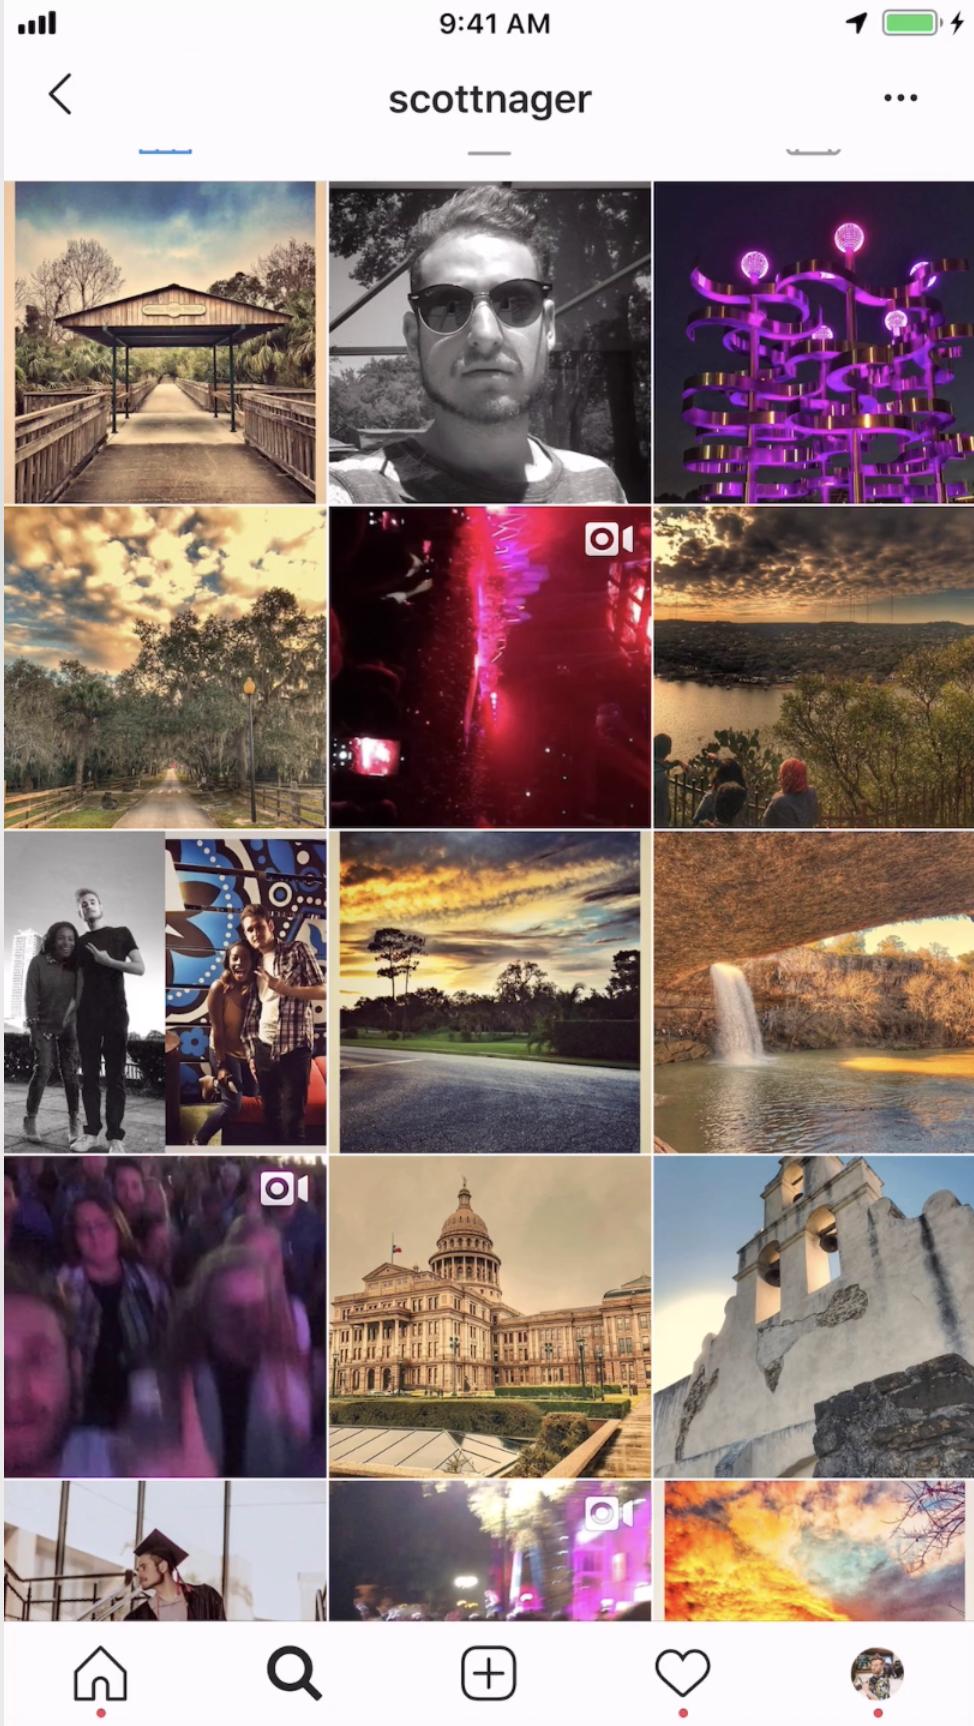 Good Instagram Profile for Tinder